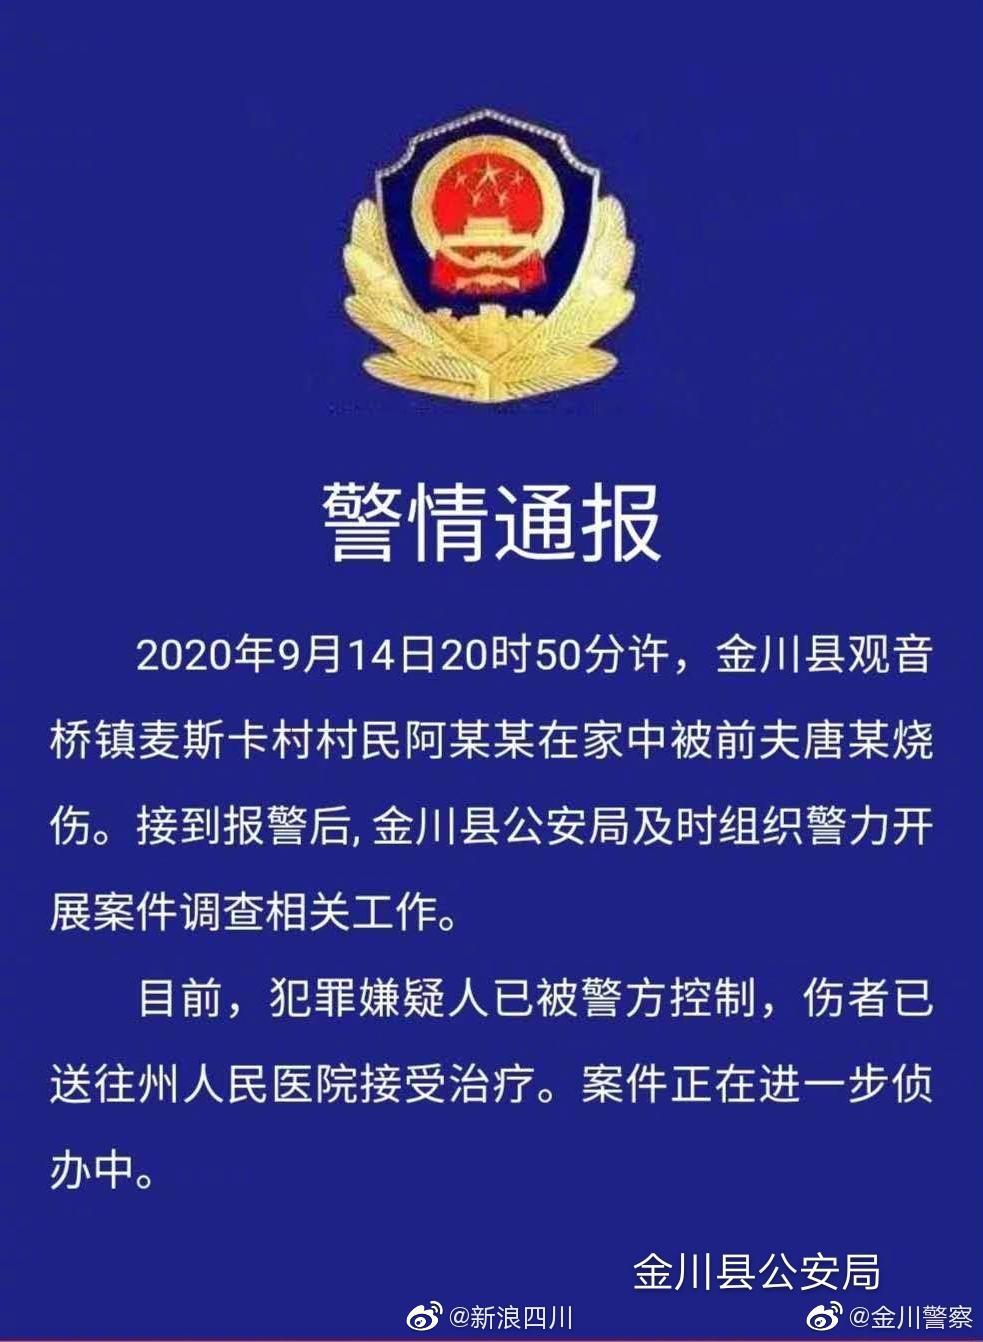 聚力体育频道直播:四川金川一女子被前夫在家烧死 警察:嫌疑犯已经被控制了